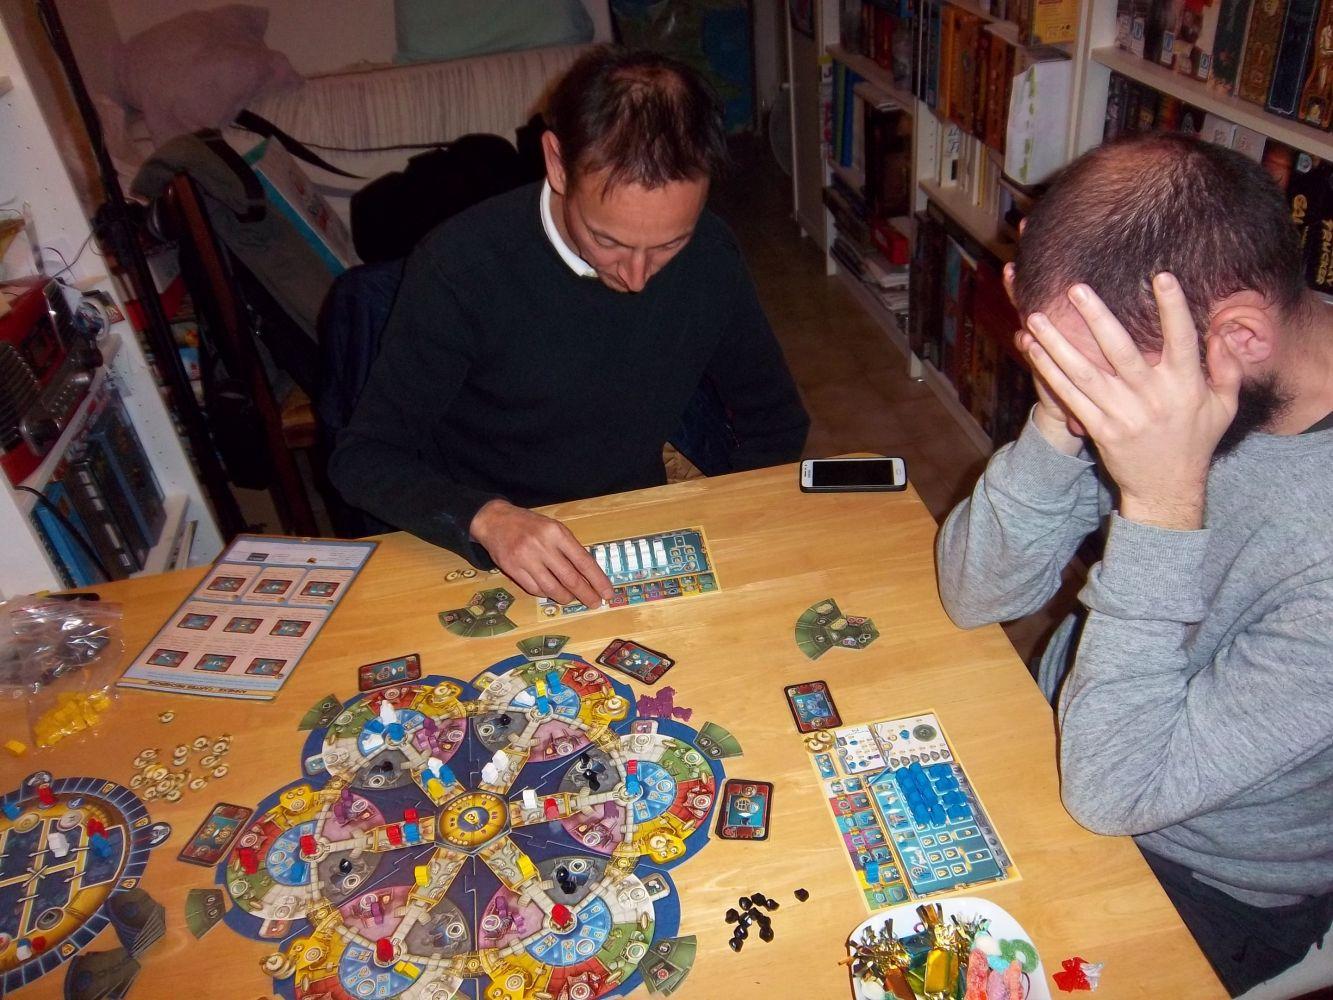 Une autre partie à 3 joueurs... concentration intense pour monsieur Seb...